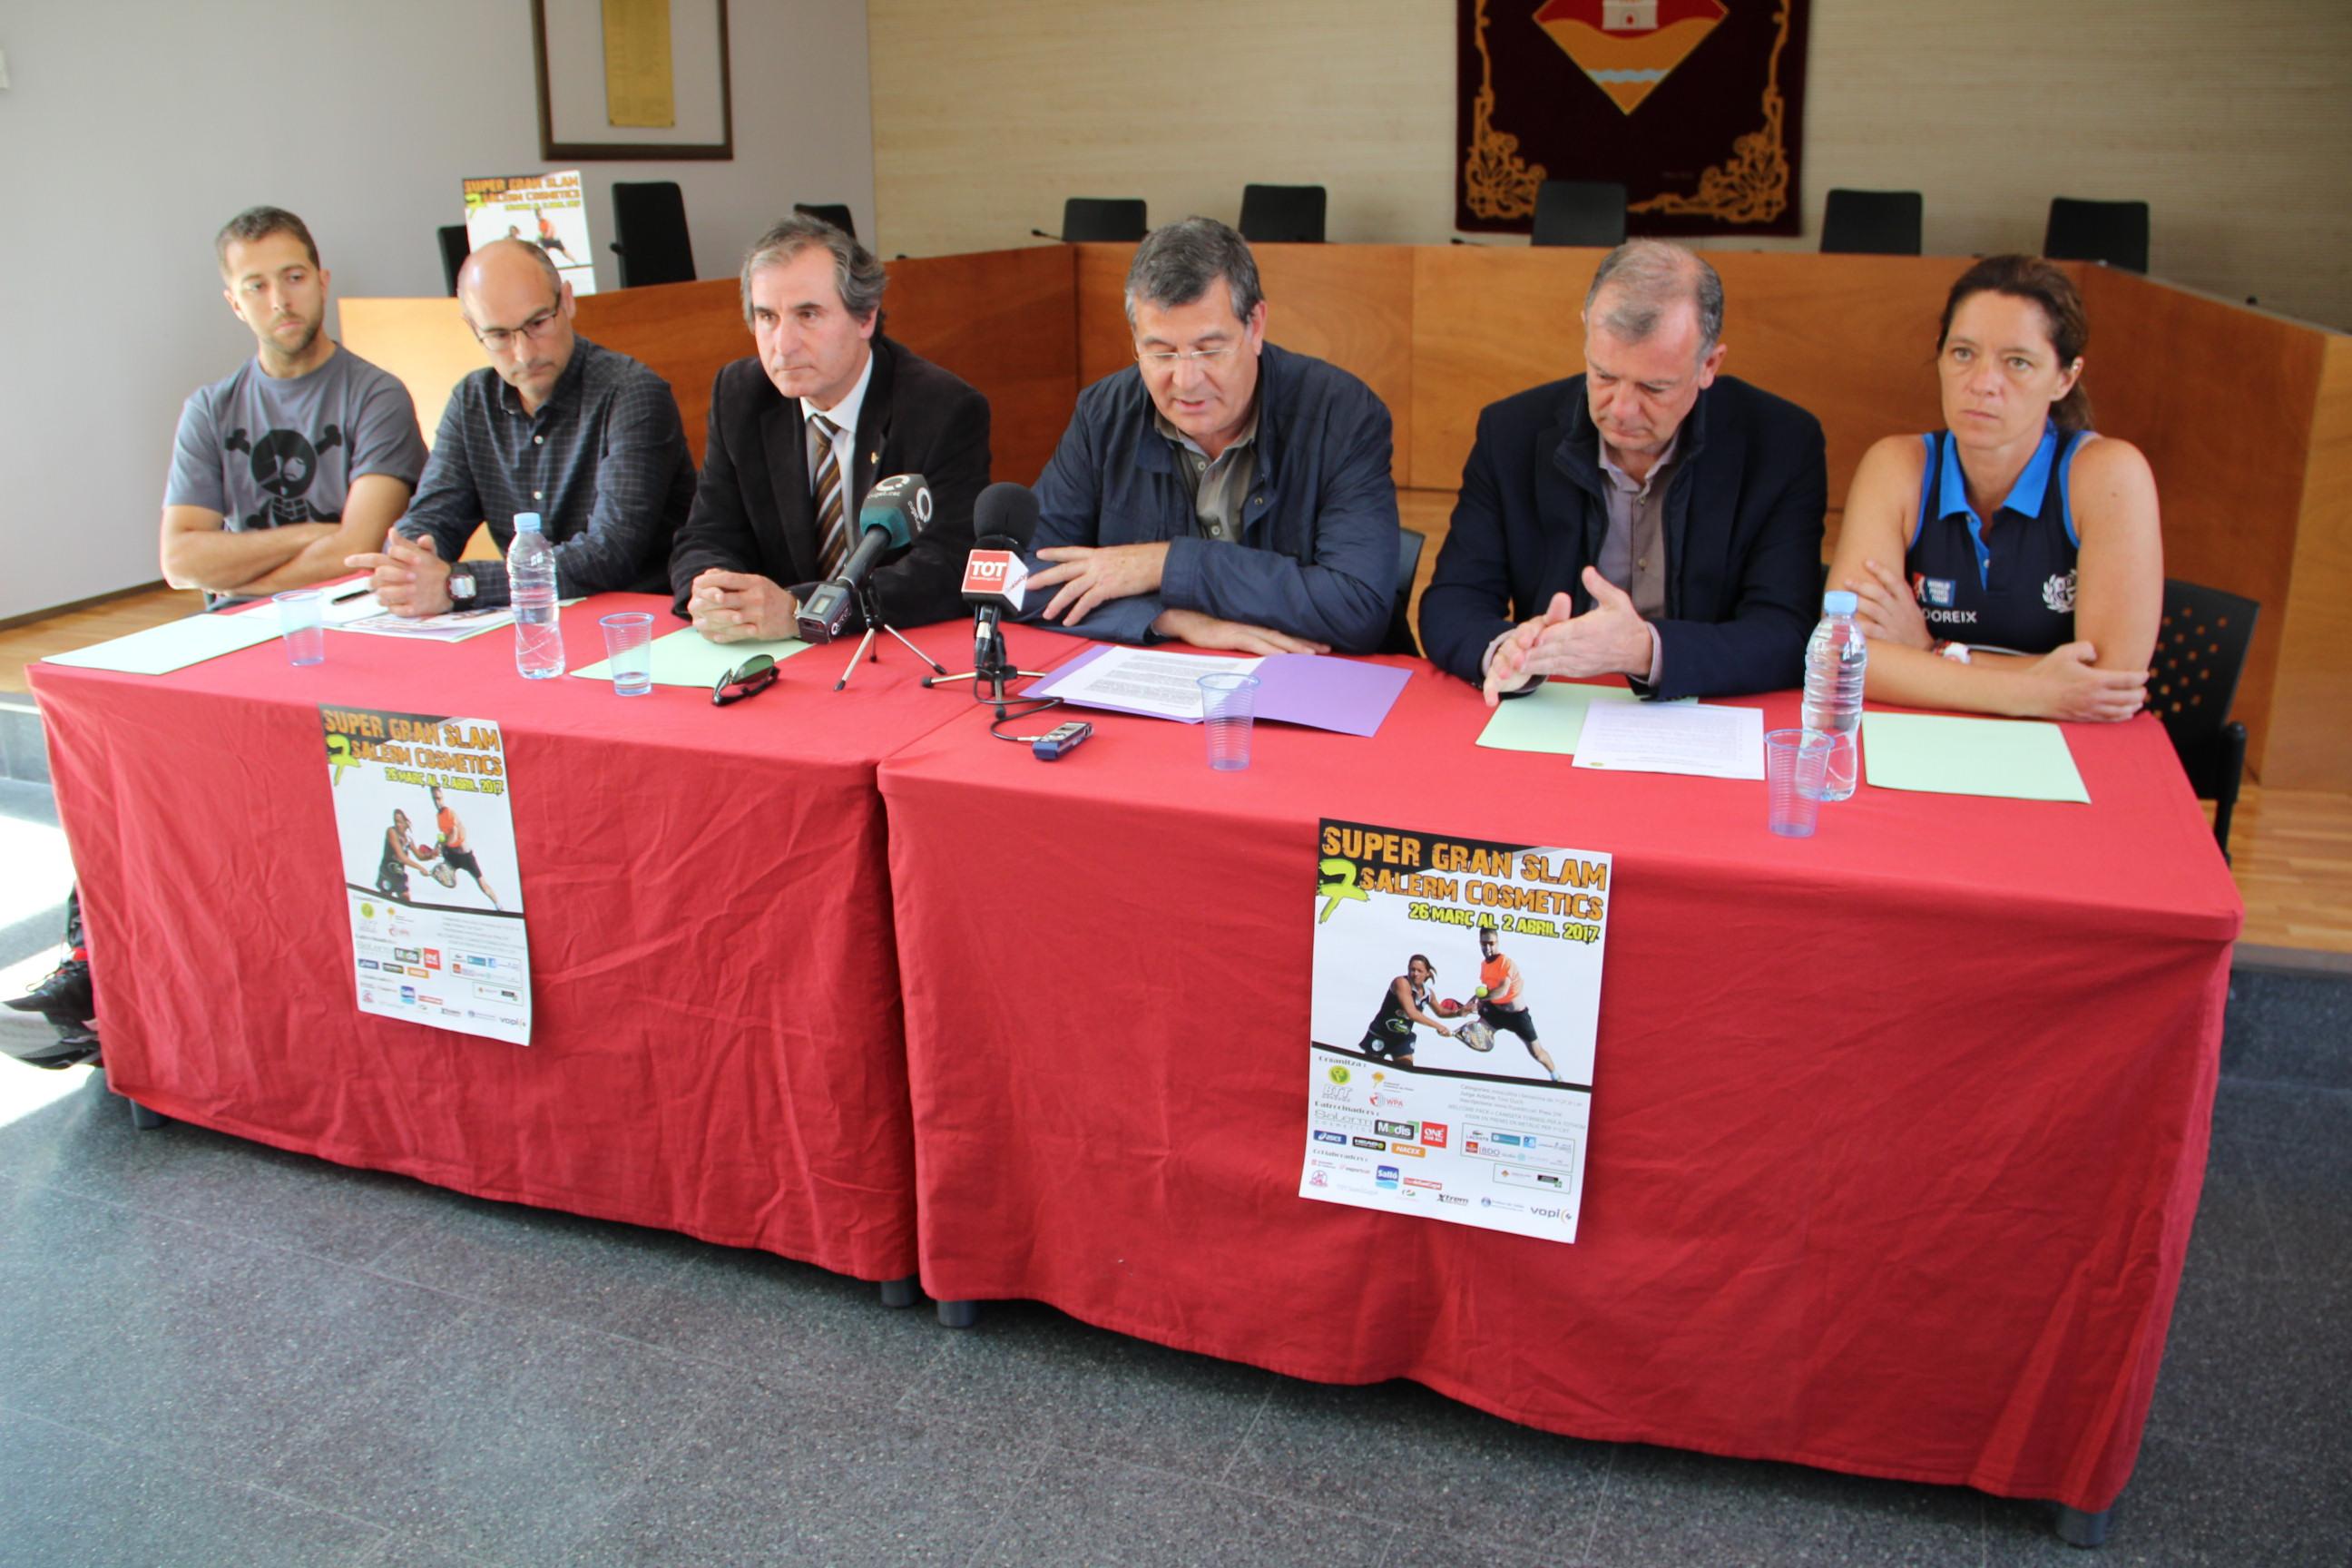 Les figures del circuit català es donen cita al 8è Súper Gran Slam de Pàdel 'Salerm Cosmètics' del CE Valldoreix